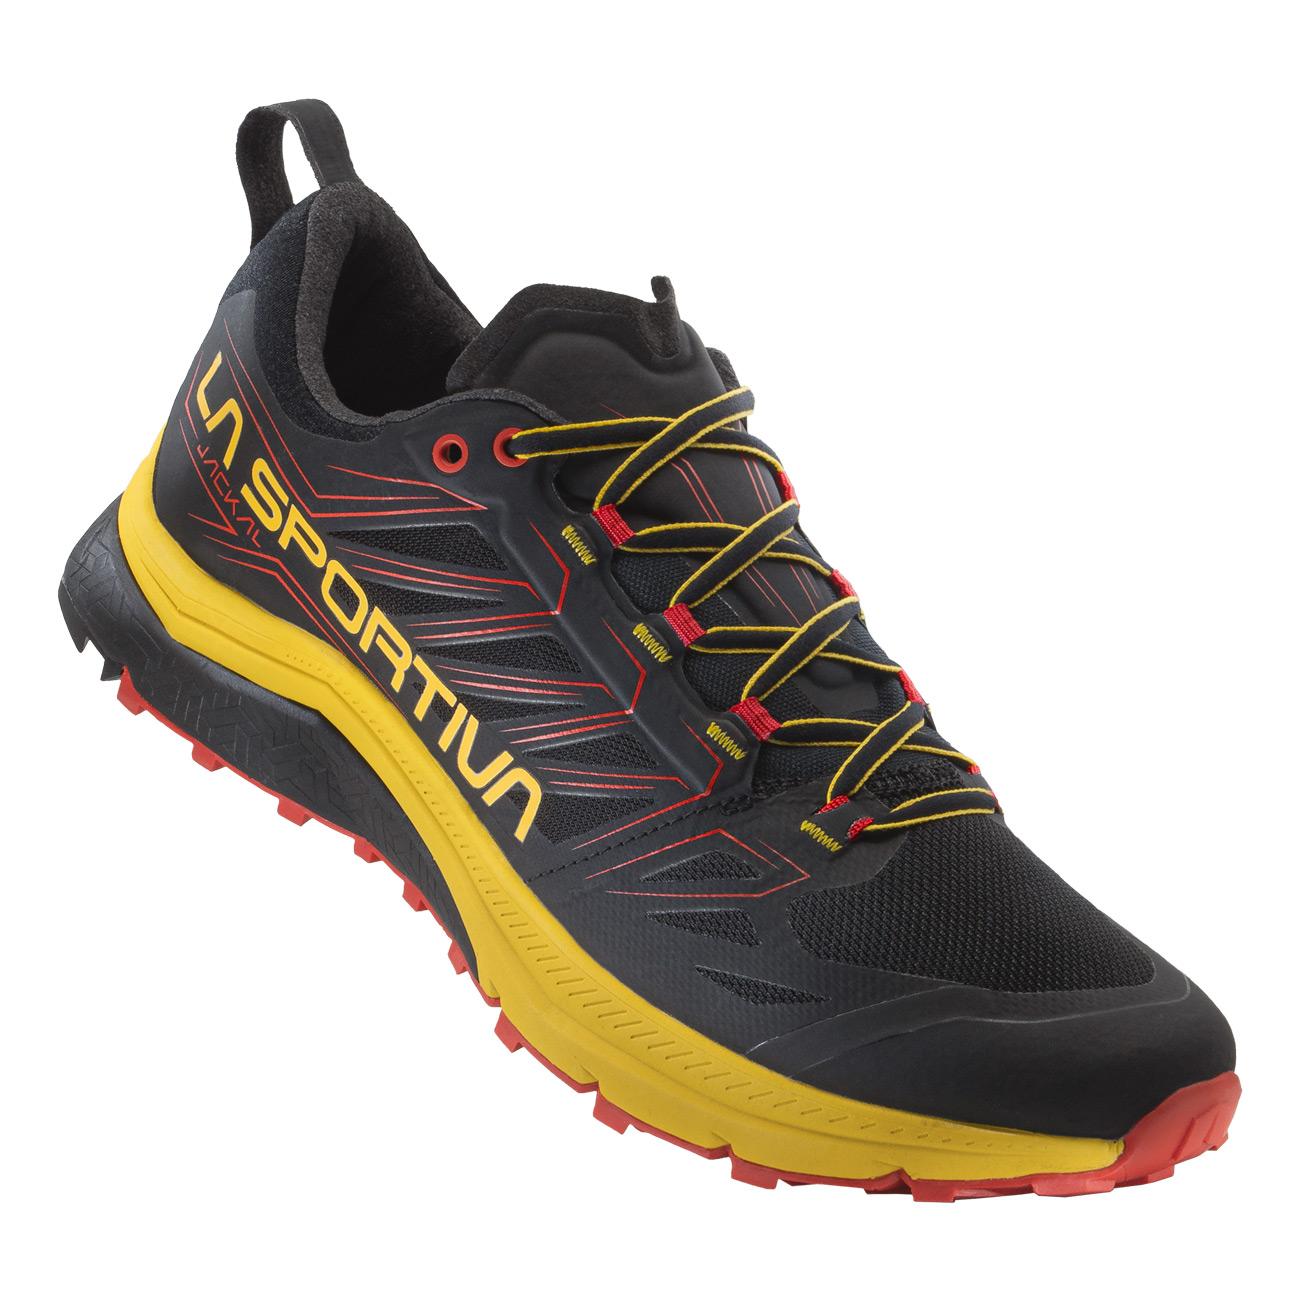 Jackal - Mountain Running Schuh für den off-road-Lauf auf ultralangen und mittleren Distanzen. Jetzt bei SportBeck.